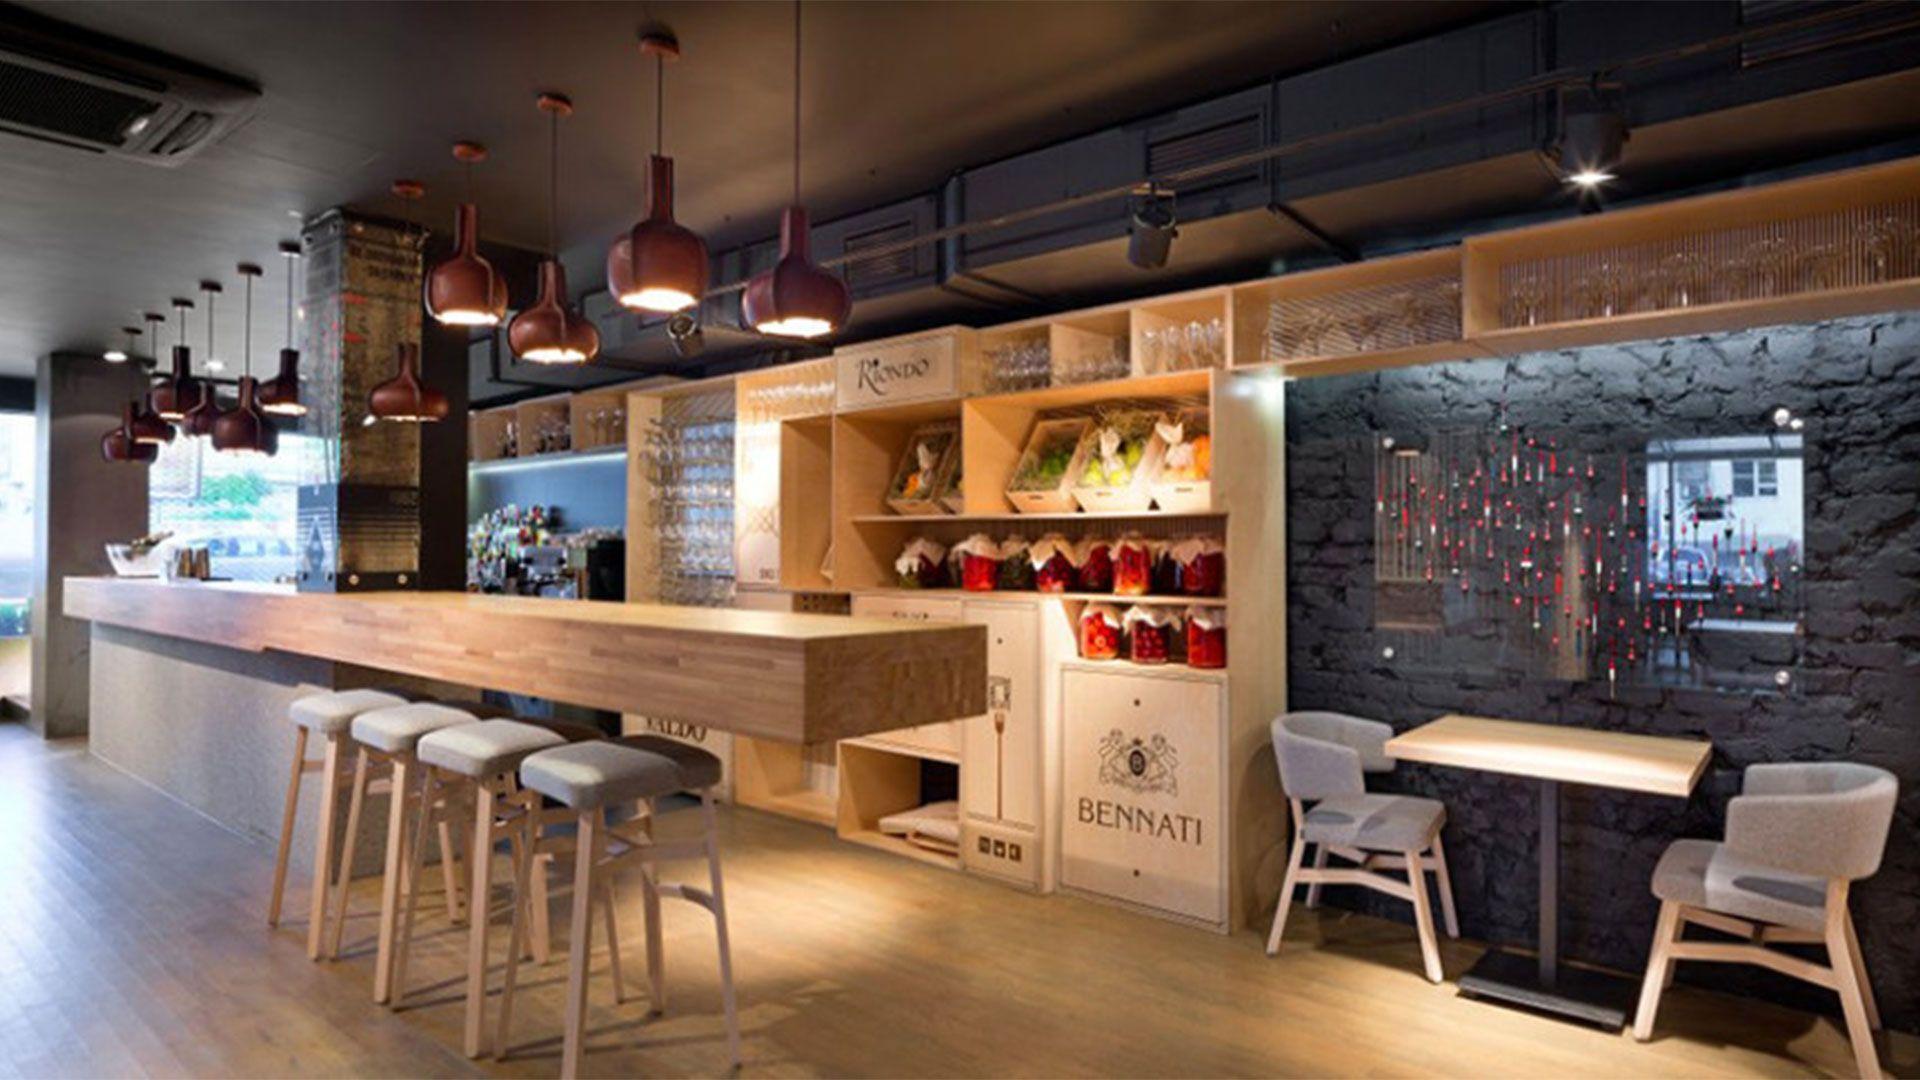 Restaurant Interior Design Wallpaper Jpg 1920 1080 Decor Ideas